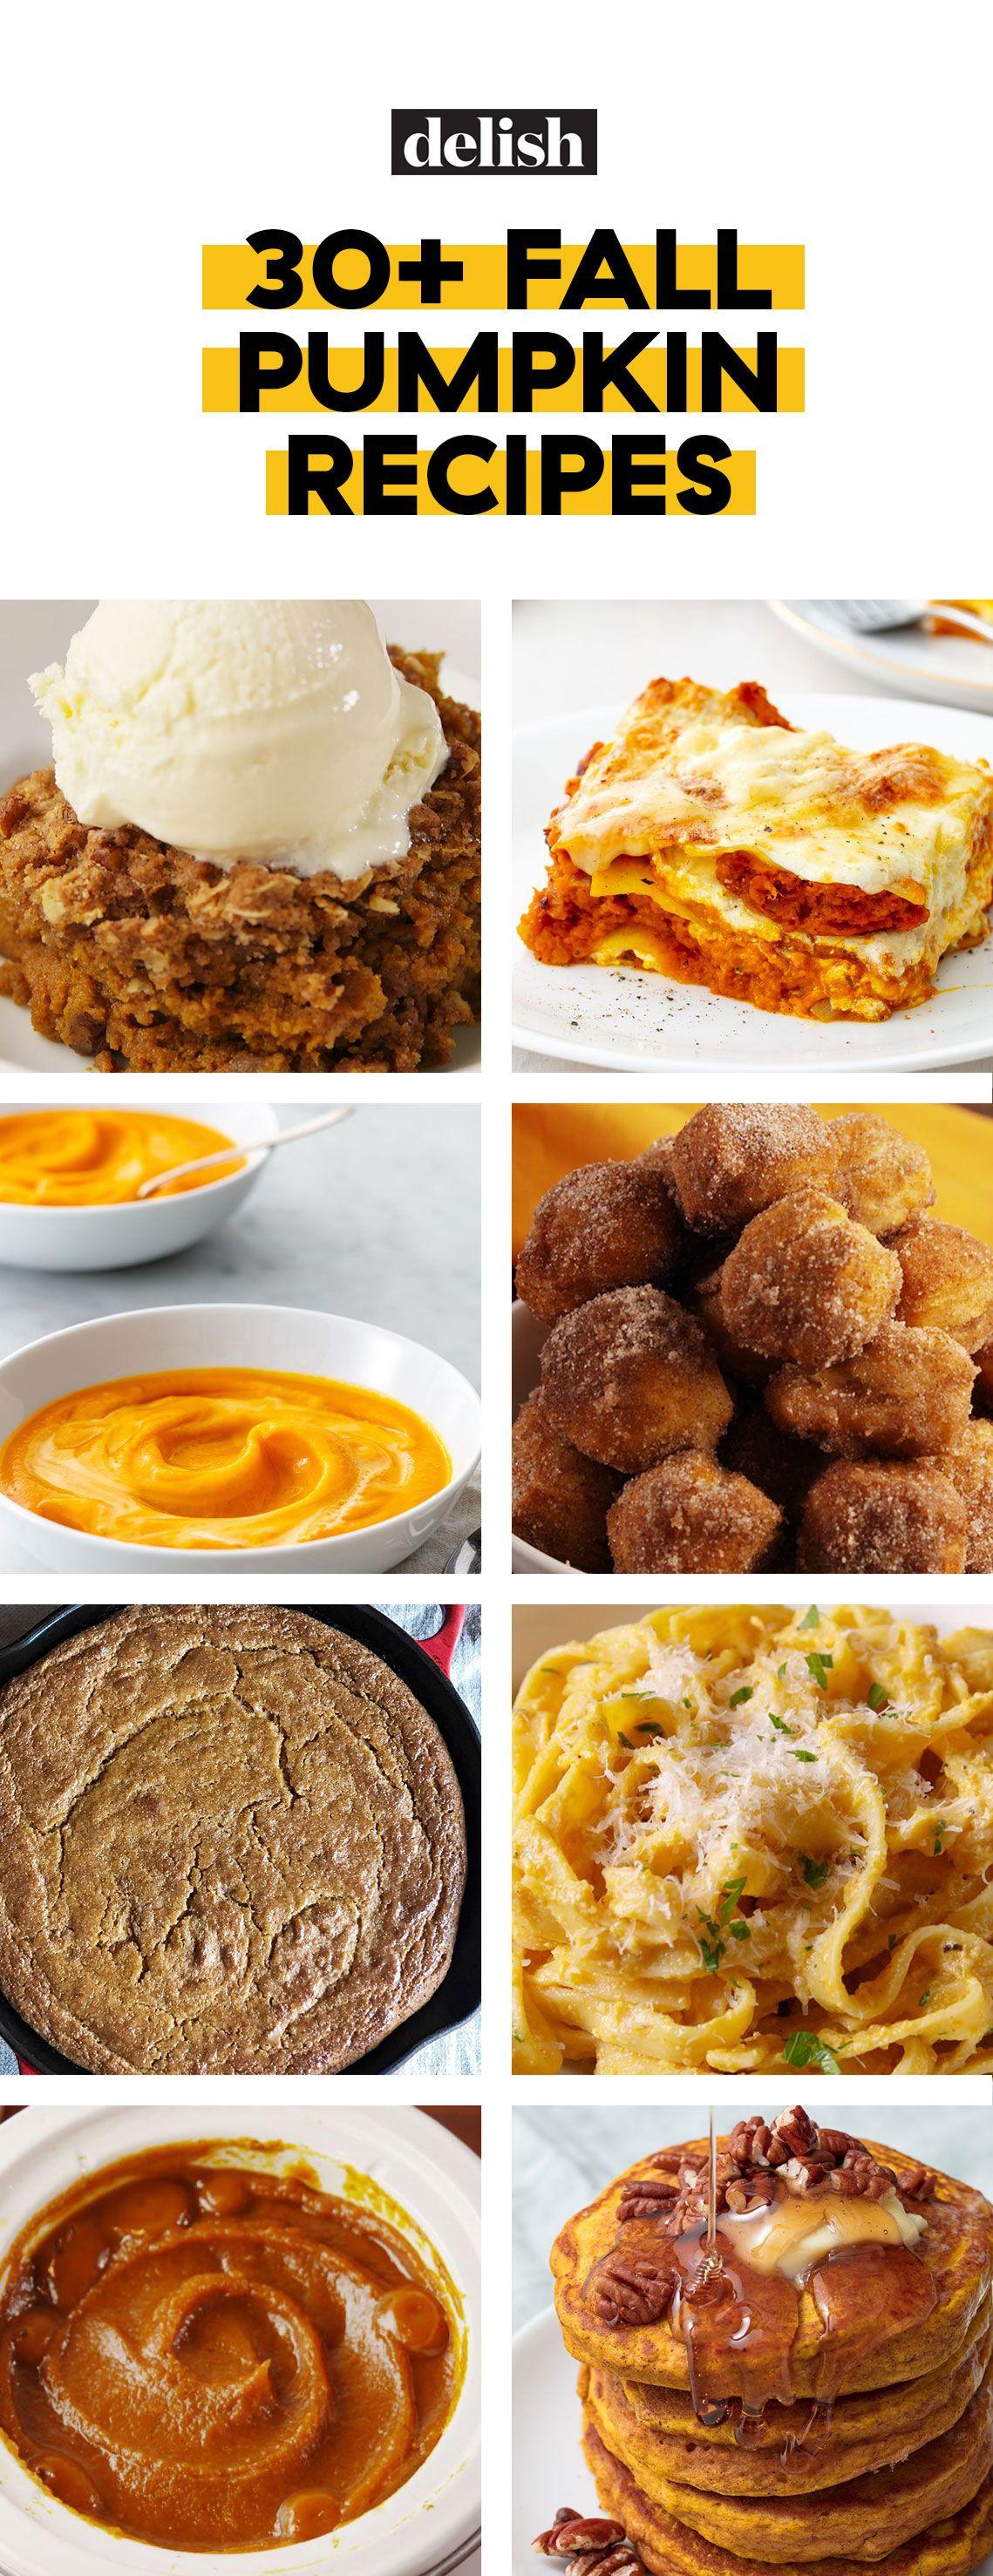 10+ Best Pumpkin Recipes - Easy Pumpkin Dinner Ideas to Cook for Fall